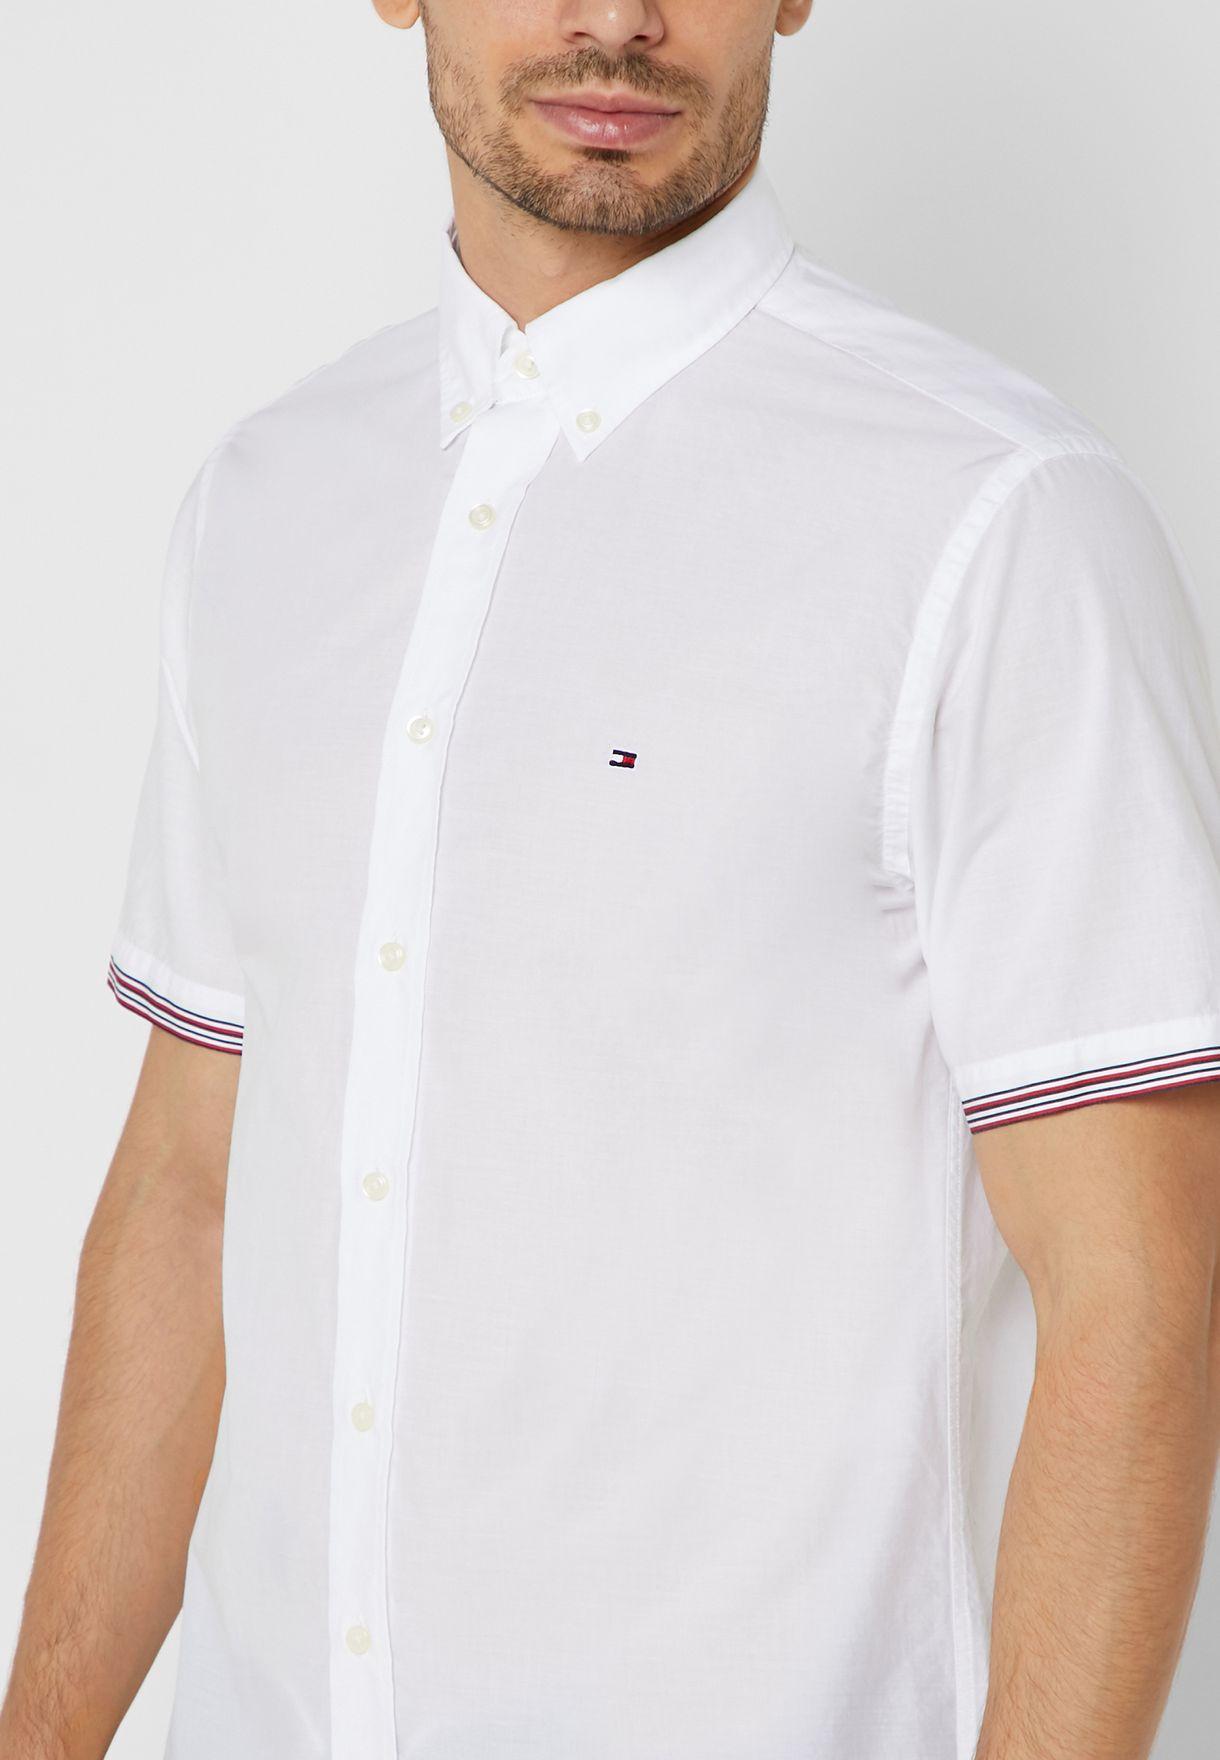 Striped Edge Shirt